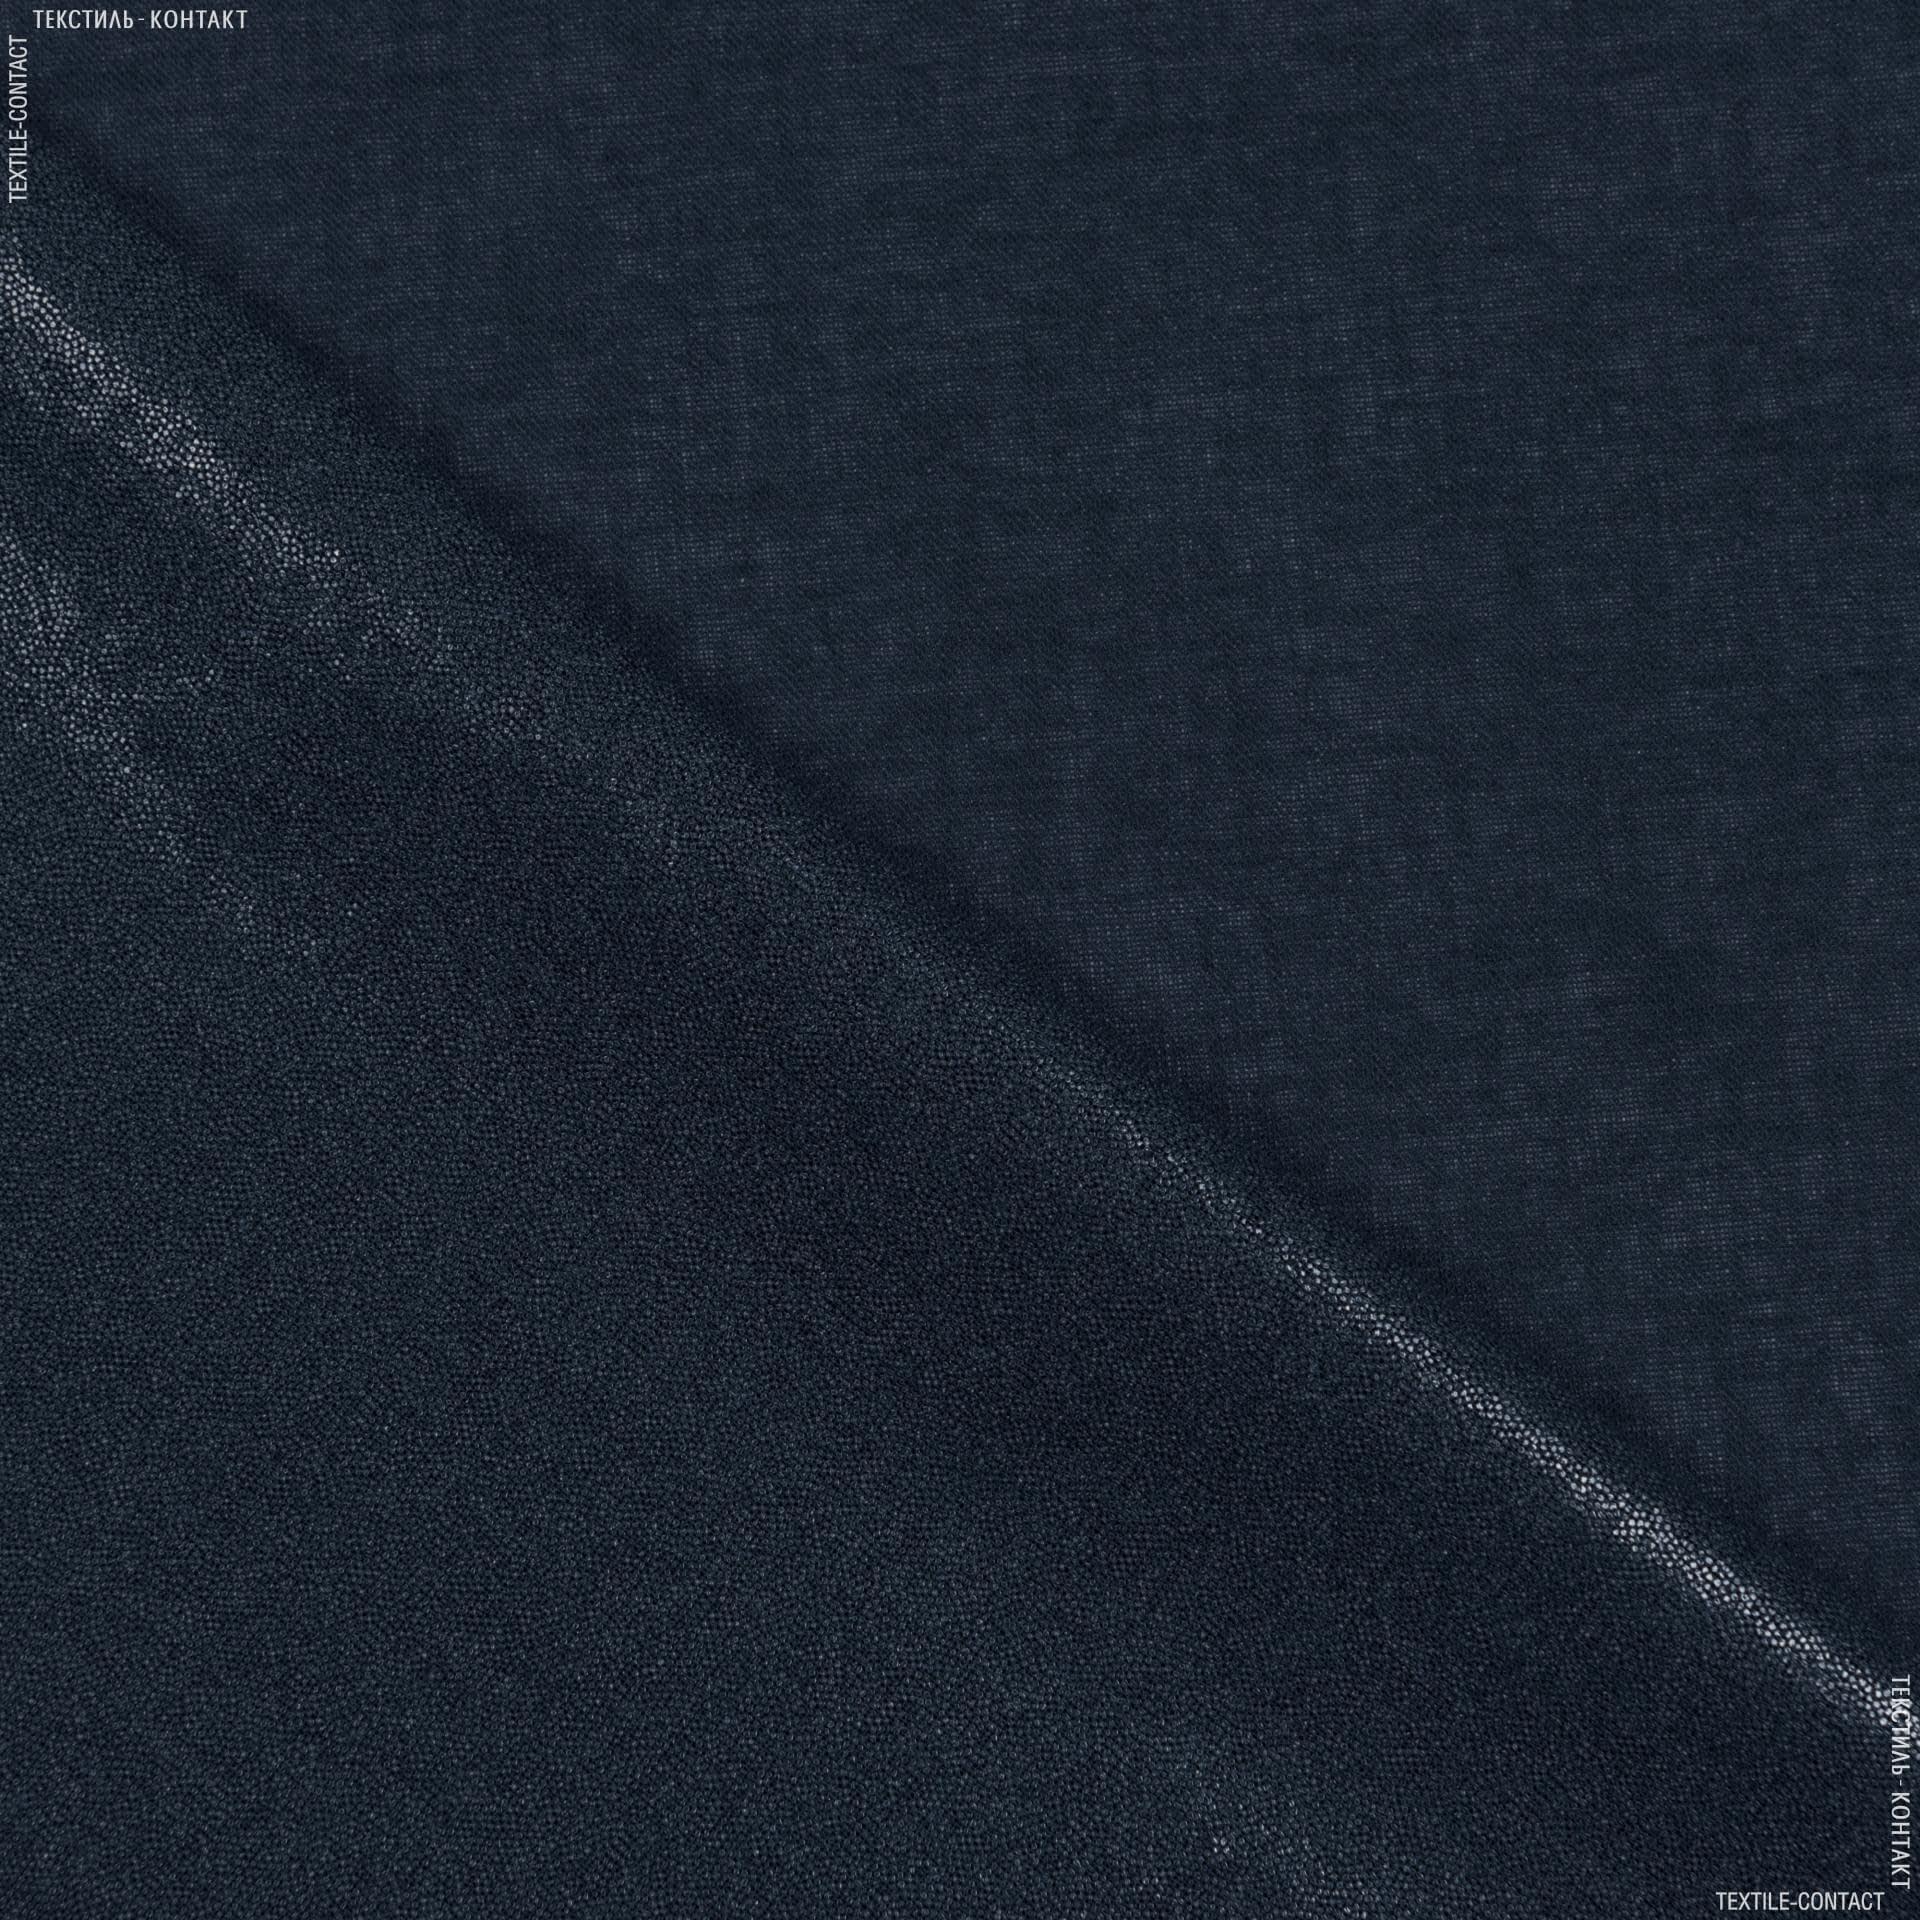 Тканини дублірин, флізелін - Бязь клейова 112г/м чорний